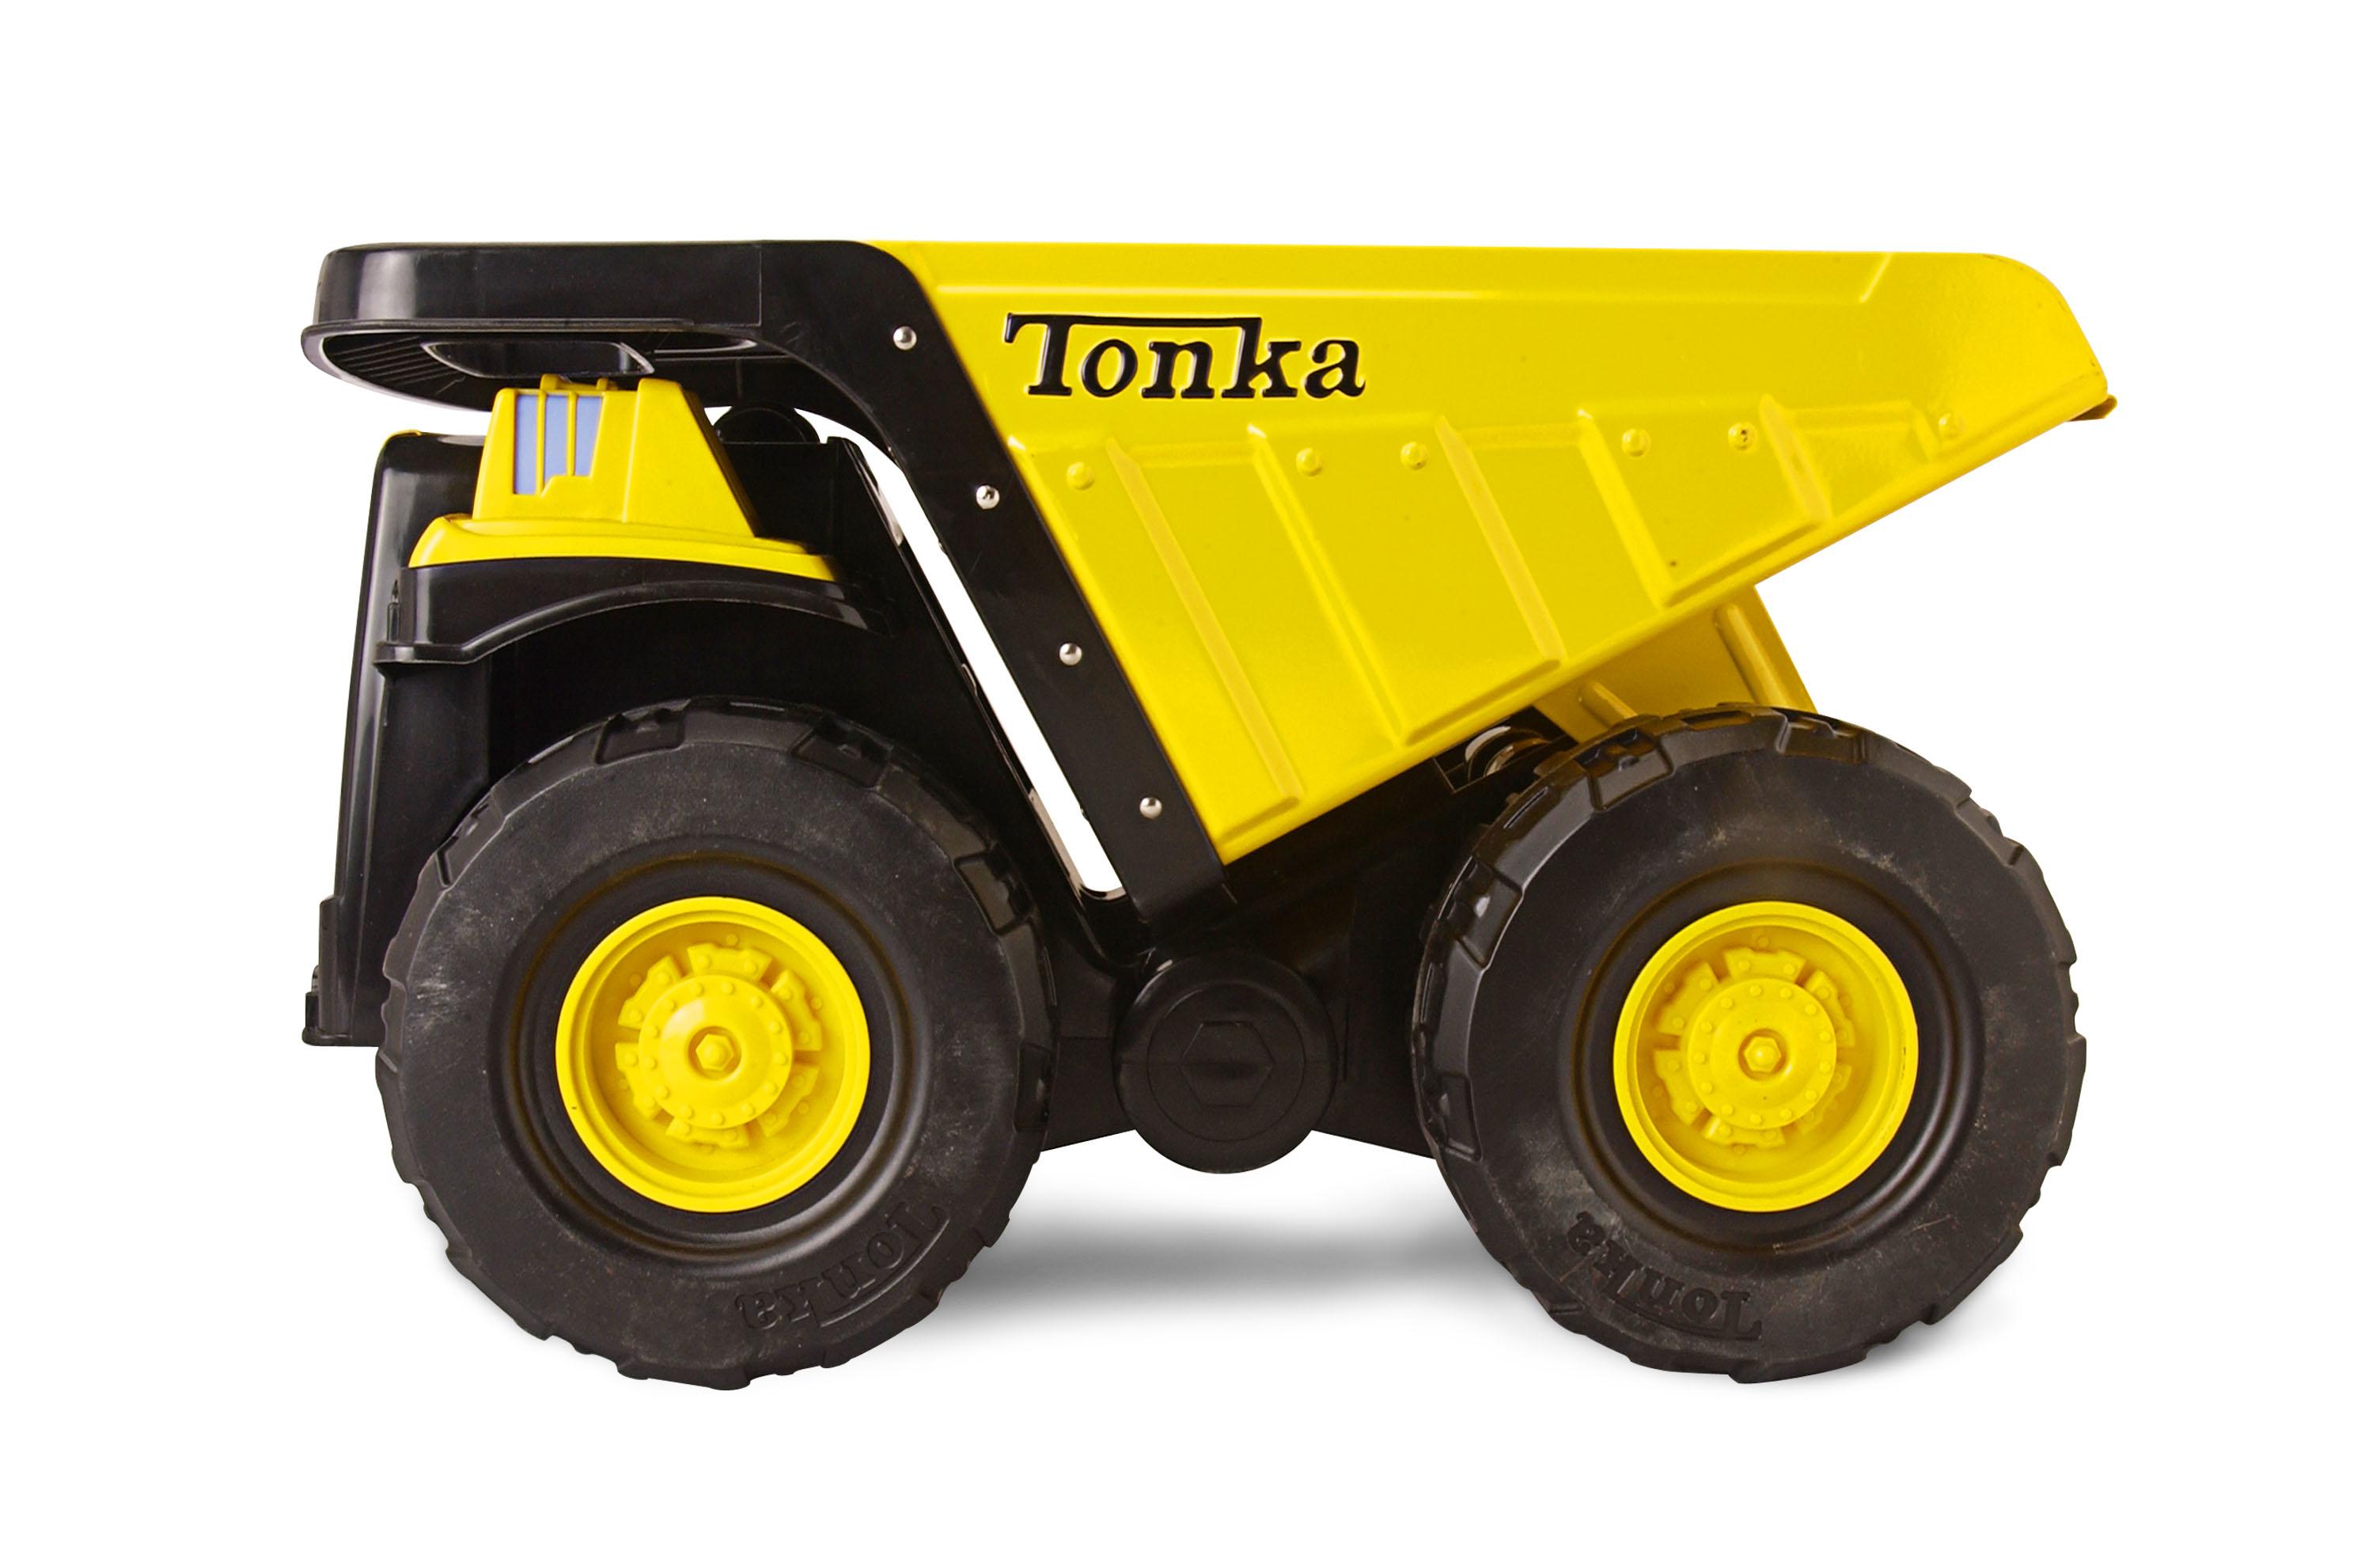 Tonka Steel; camiones de juguete garantizados de por vida 3